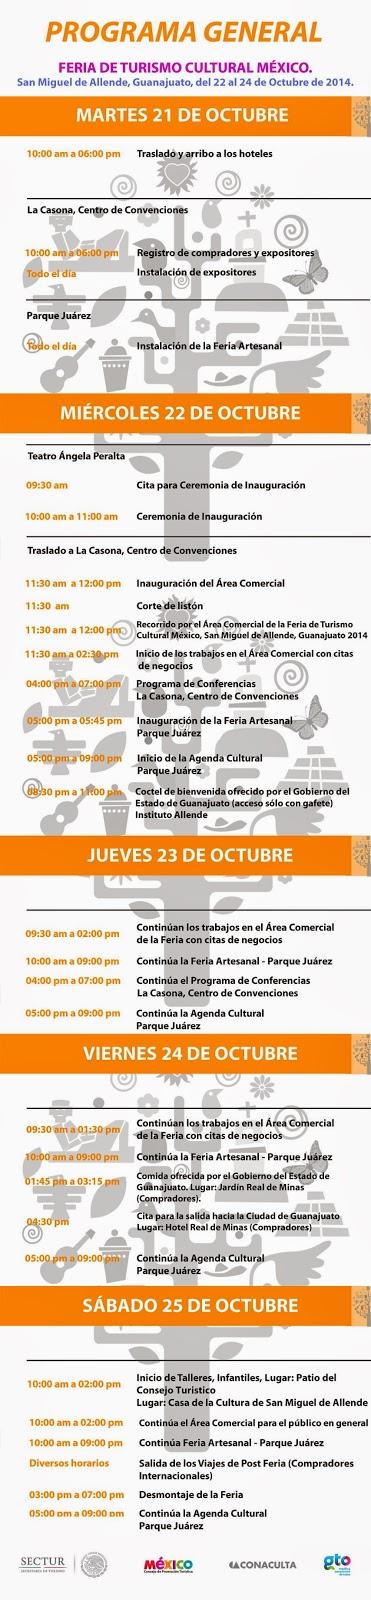 Feria de turismo cultural San Miguel de Allende 2014